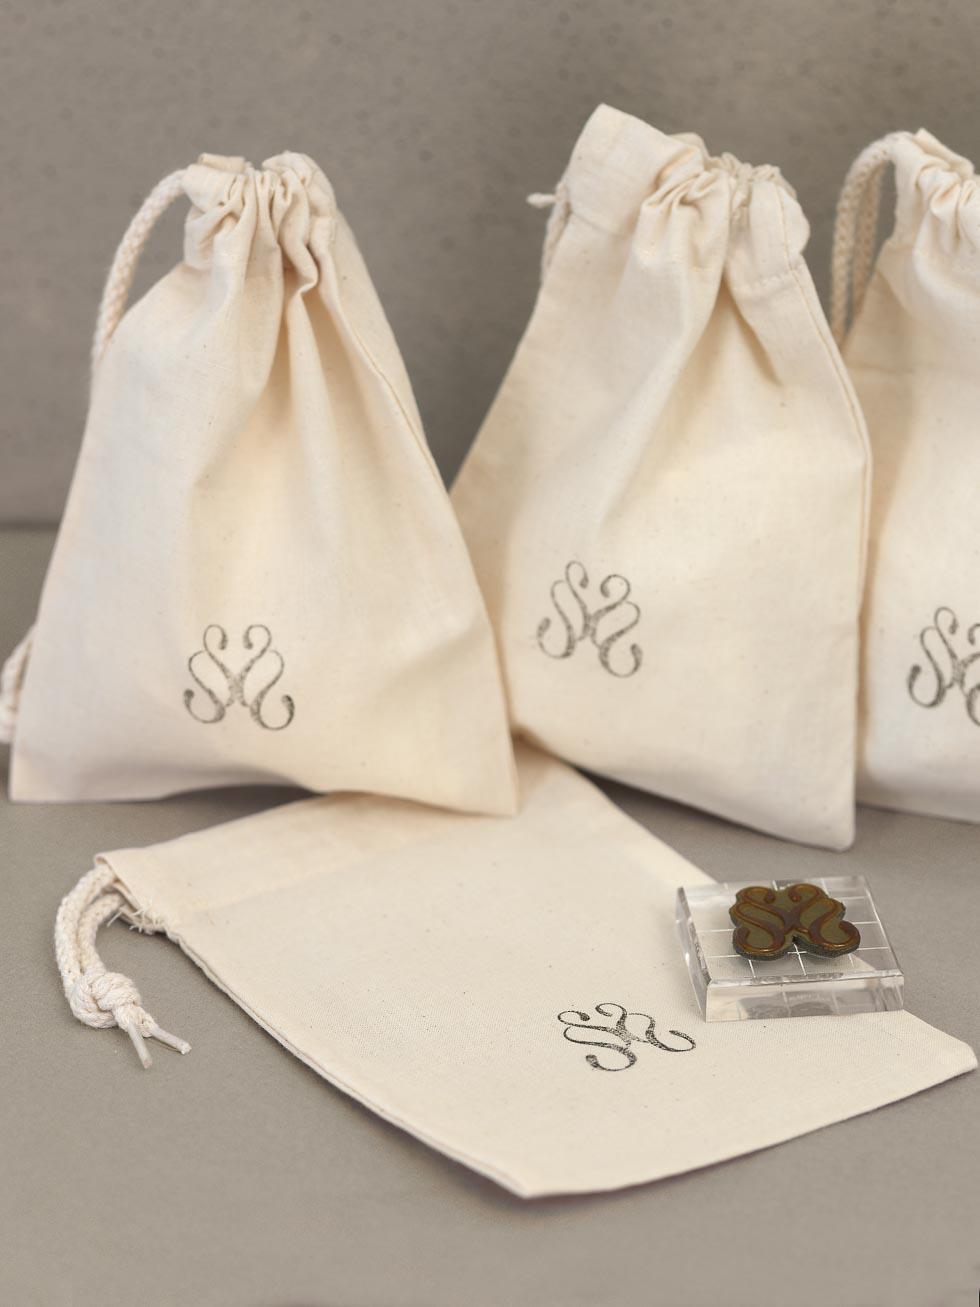 galerie gastgeschenke f r die hochzeit ber 220 ideen hochzeit planen mit weddingstyle. Black Bedroom Furniture Sets. Home Design Ideas